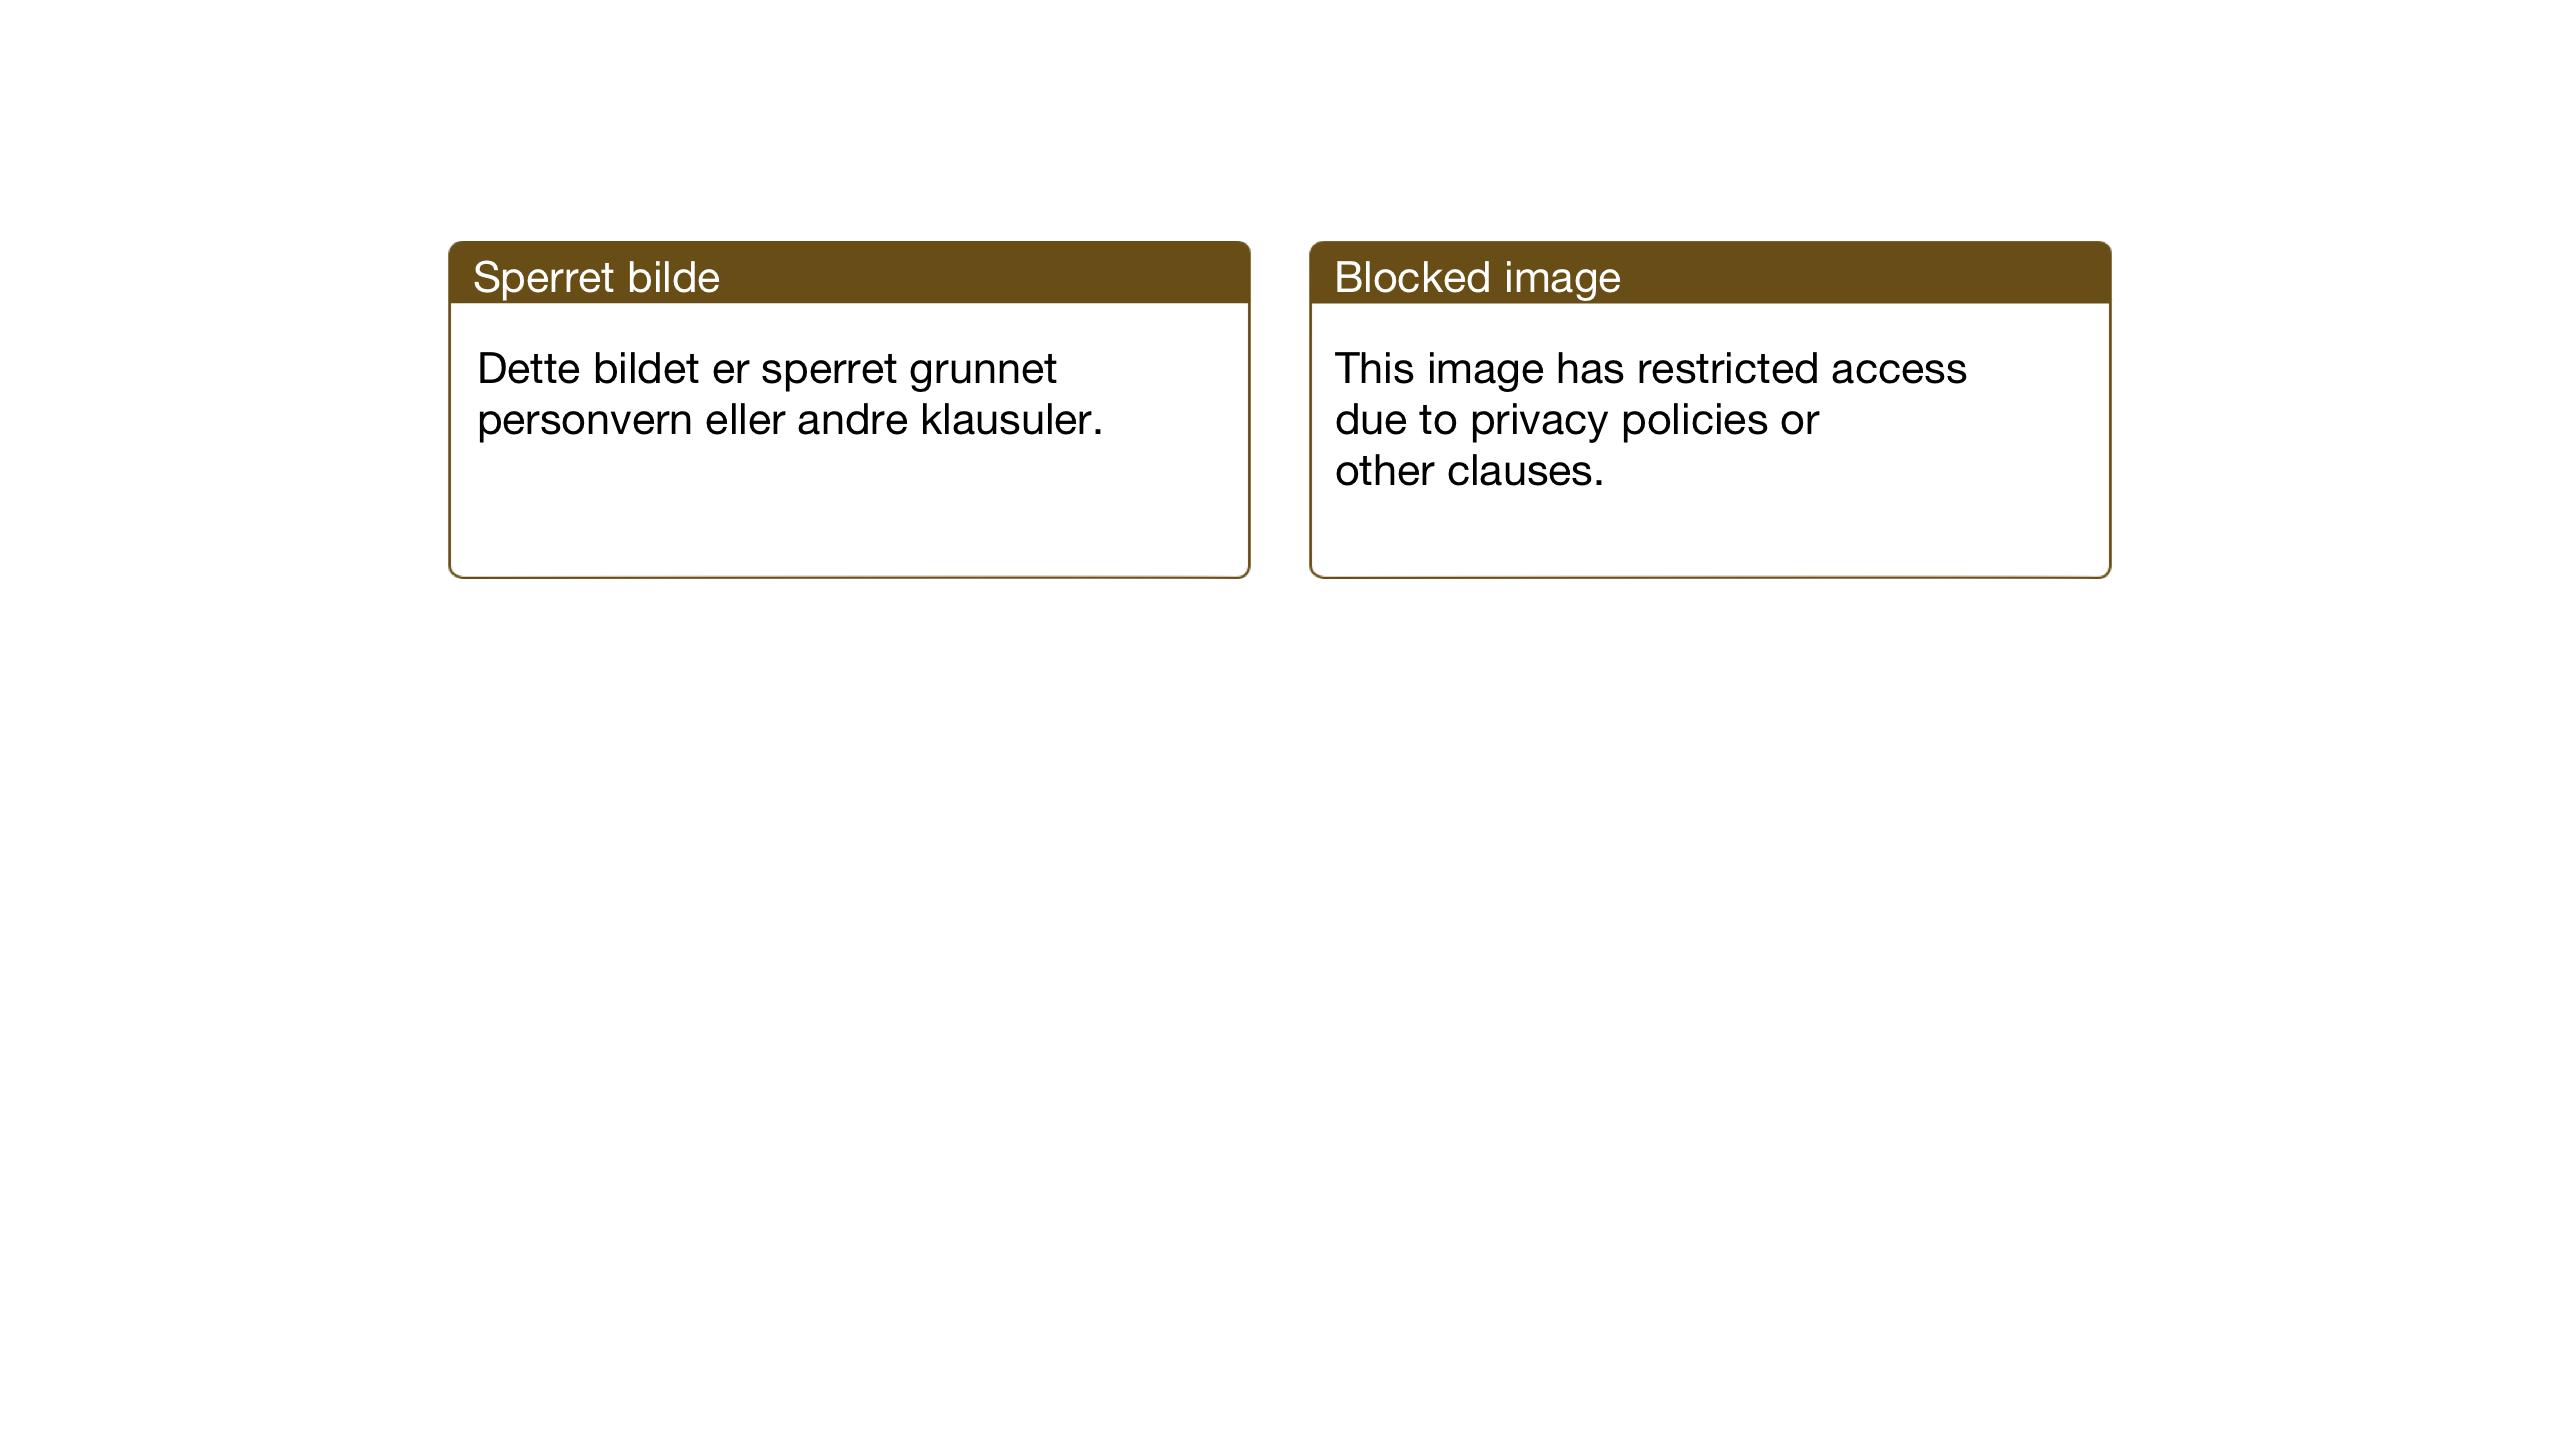 SAT, Ministerialprotokoller, klokkerbøker og fødselsregistre - Sør-Trøndelag, 667/L0799: Klokkerbok nr. 667C04, 1929-1950, s. 17